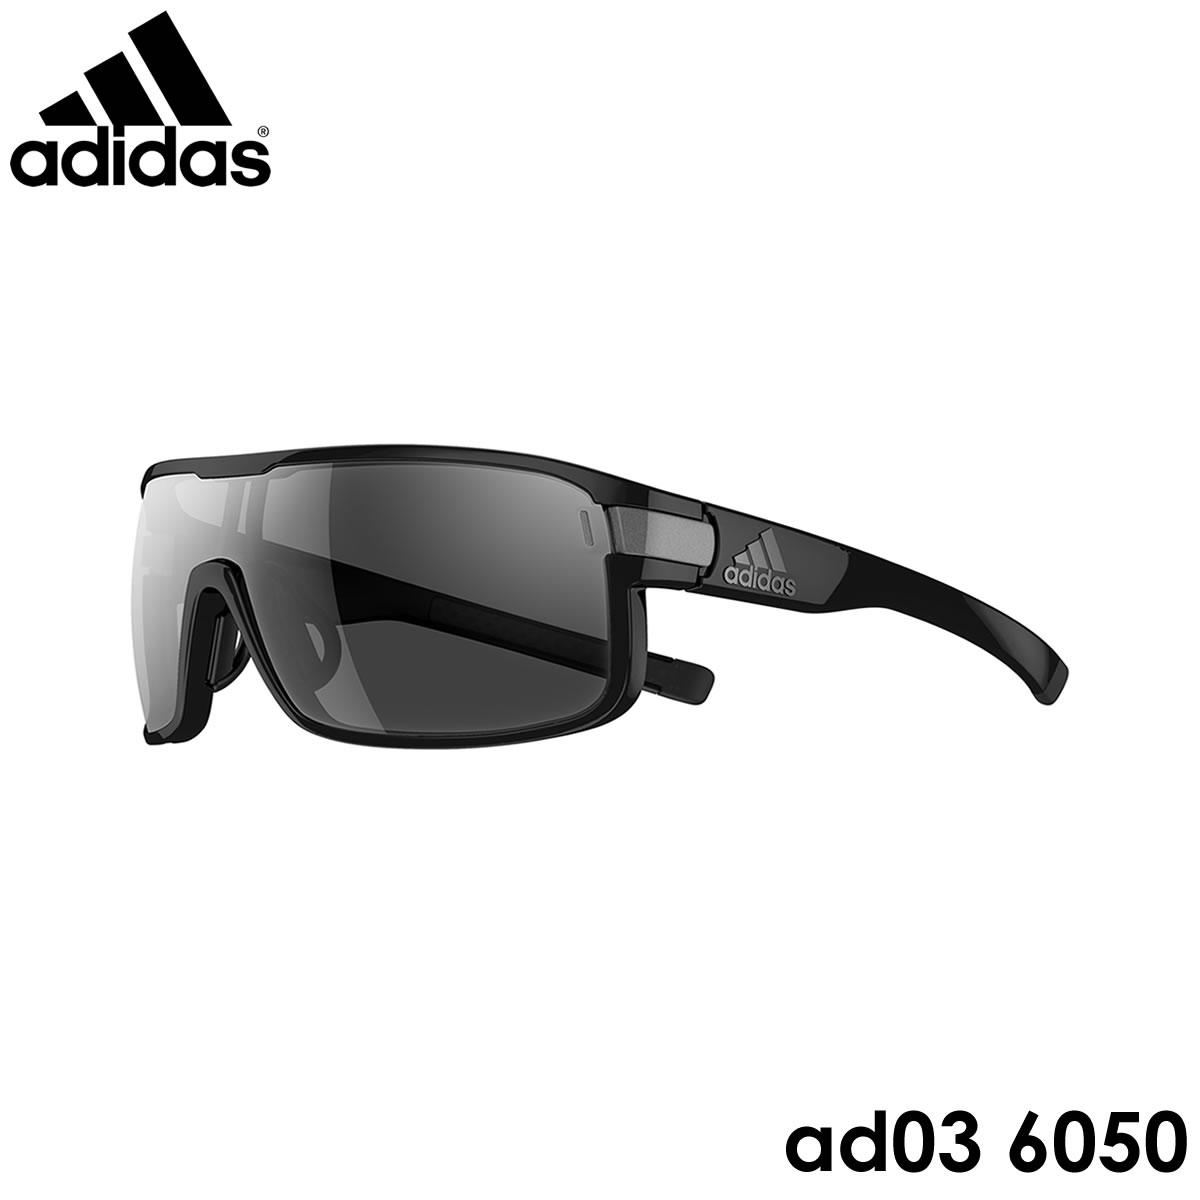 【10月30日からエントリーで全品ポイント20倍】アディダス adidas サングラスad03 6050ZONYK Lサイズ ゾニック スポーツサングラス アウトドア ポイント10倍アディダス adidas メンズ レディース